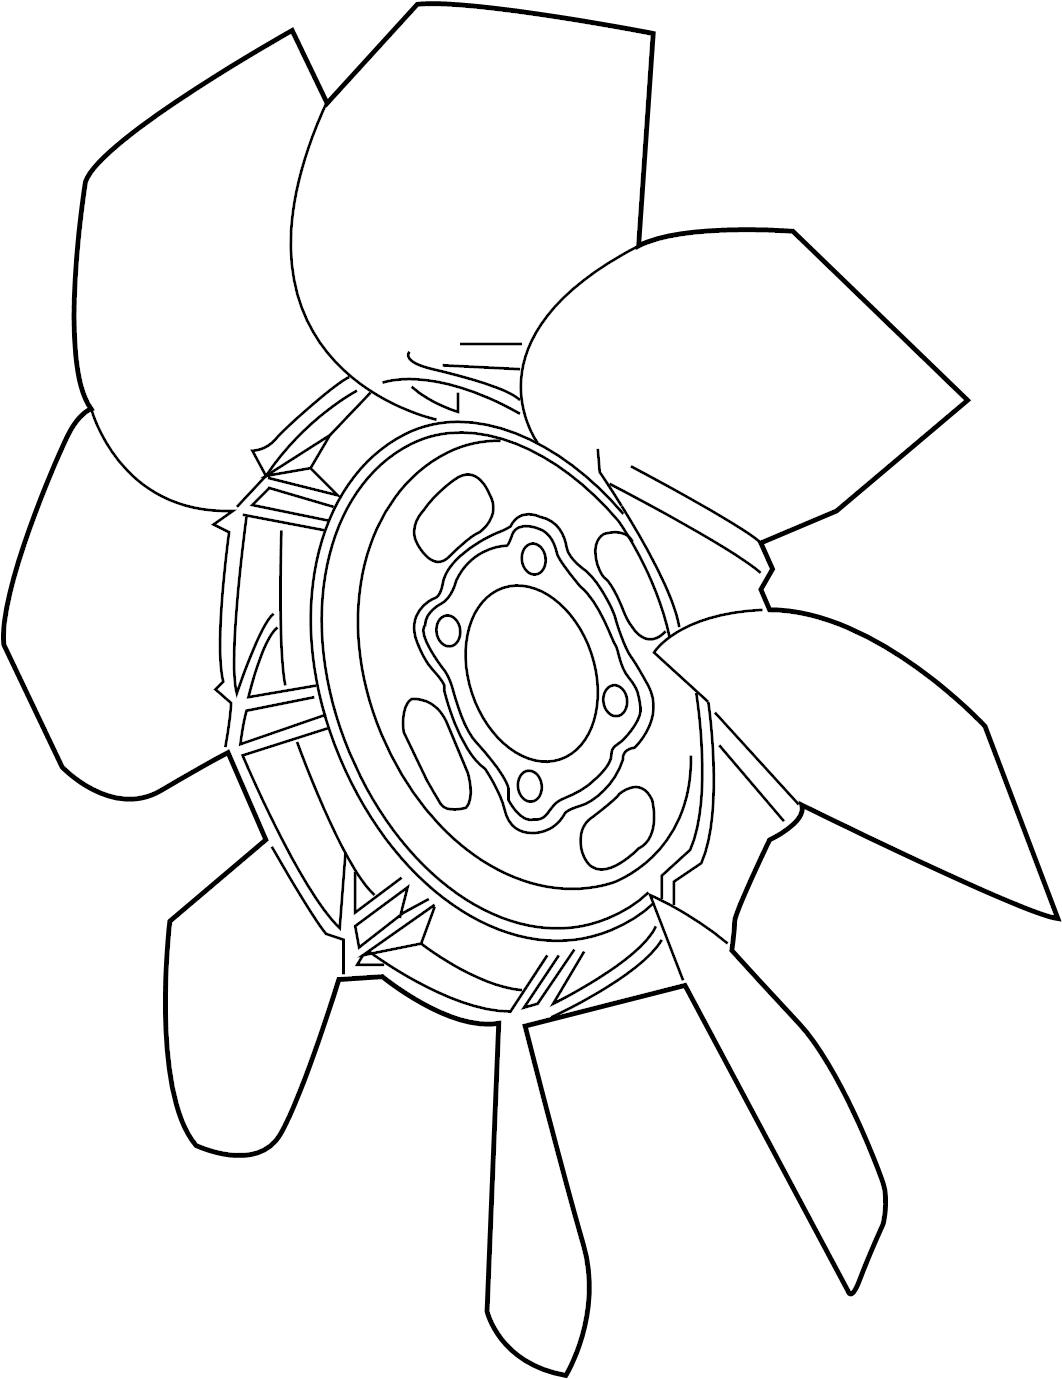 l52 engine diagram